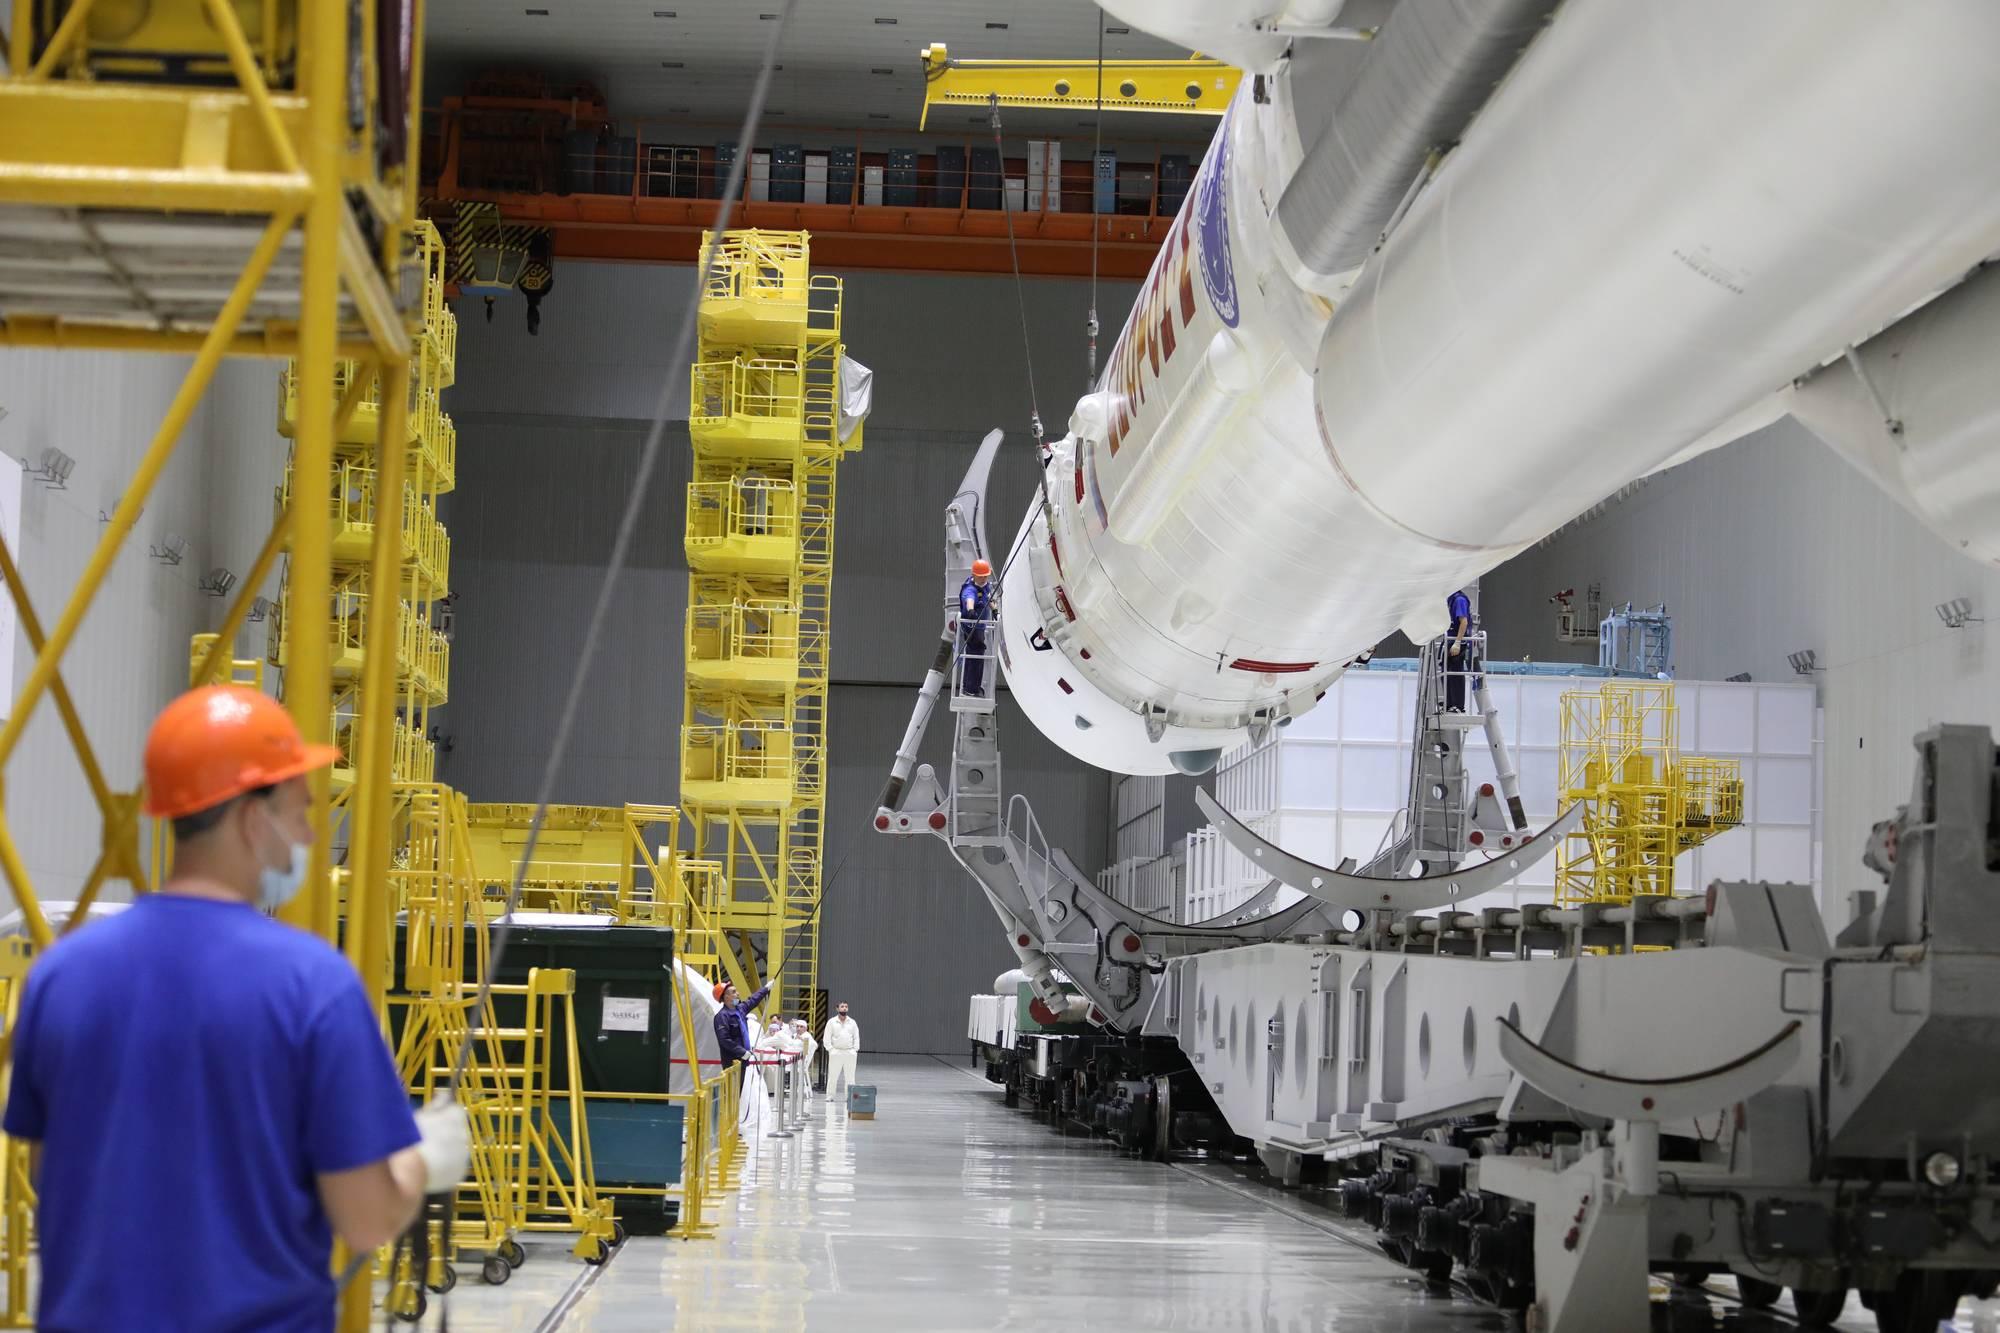 Le lanceur est disposé au-dessus de son wagon de transport.